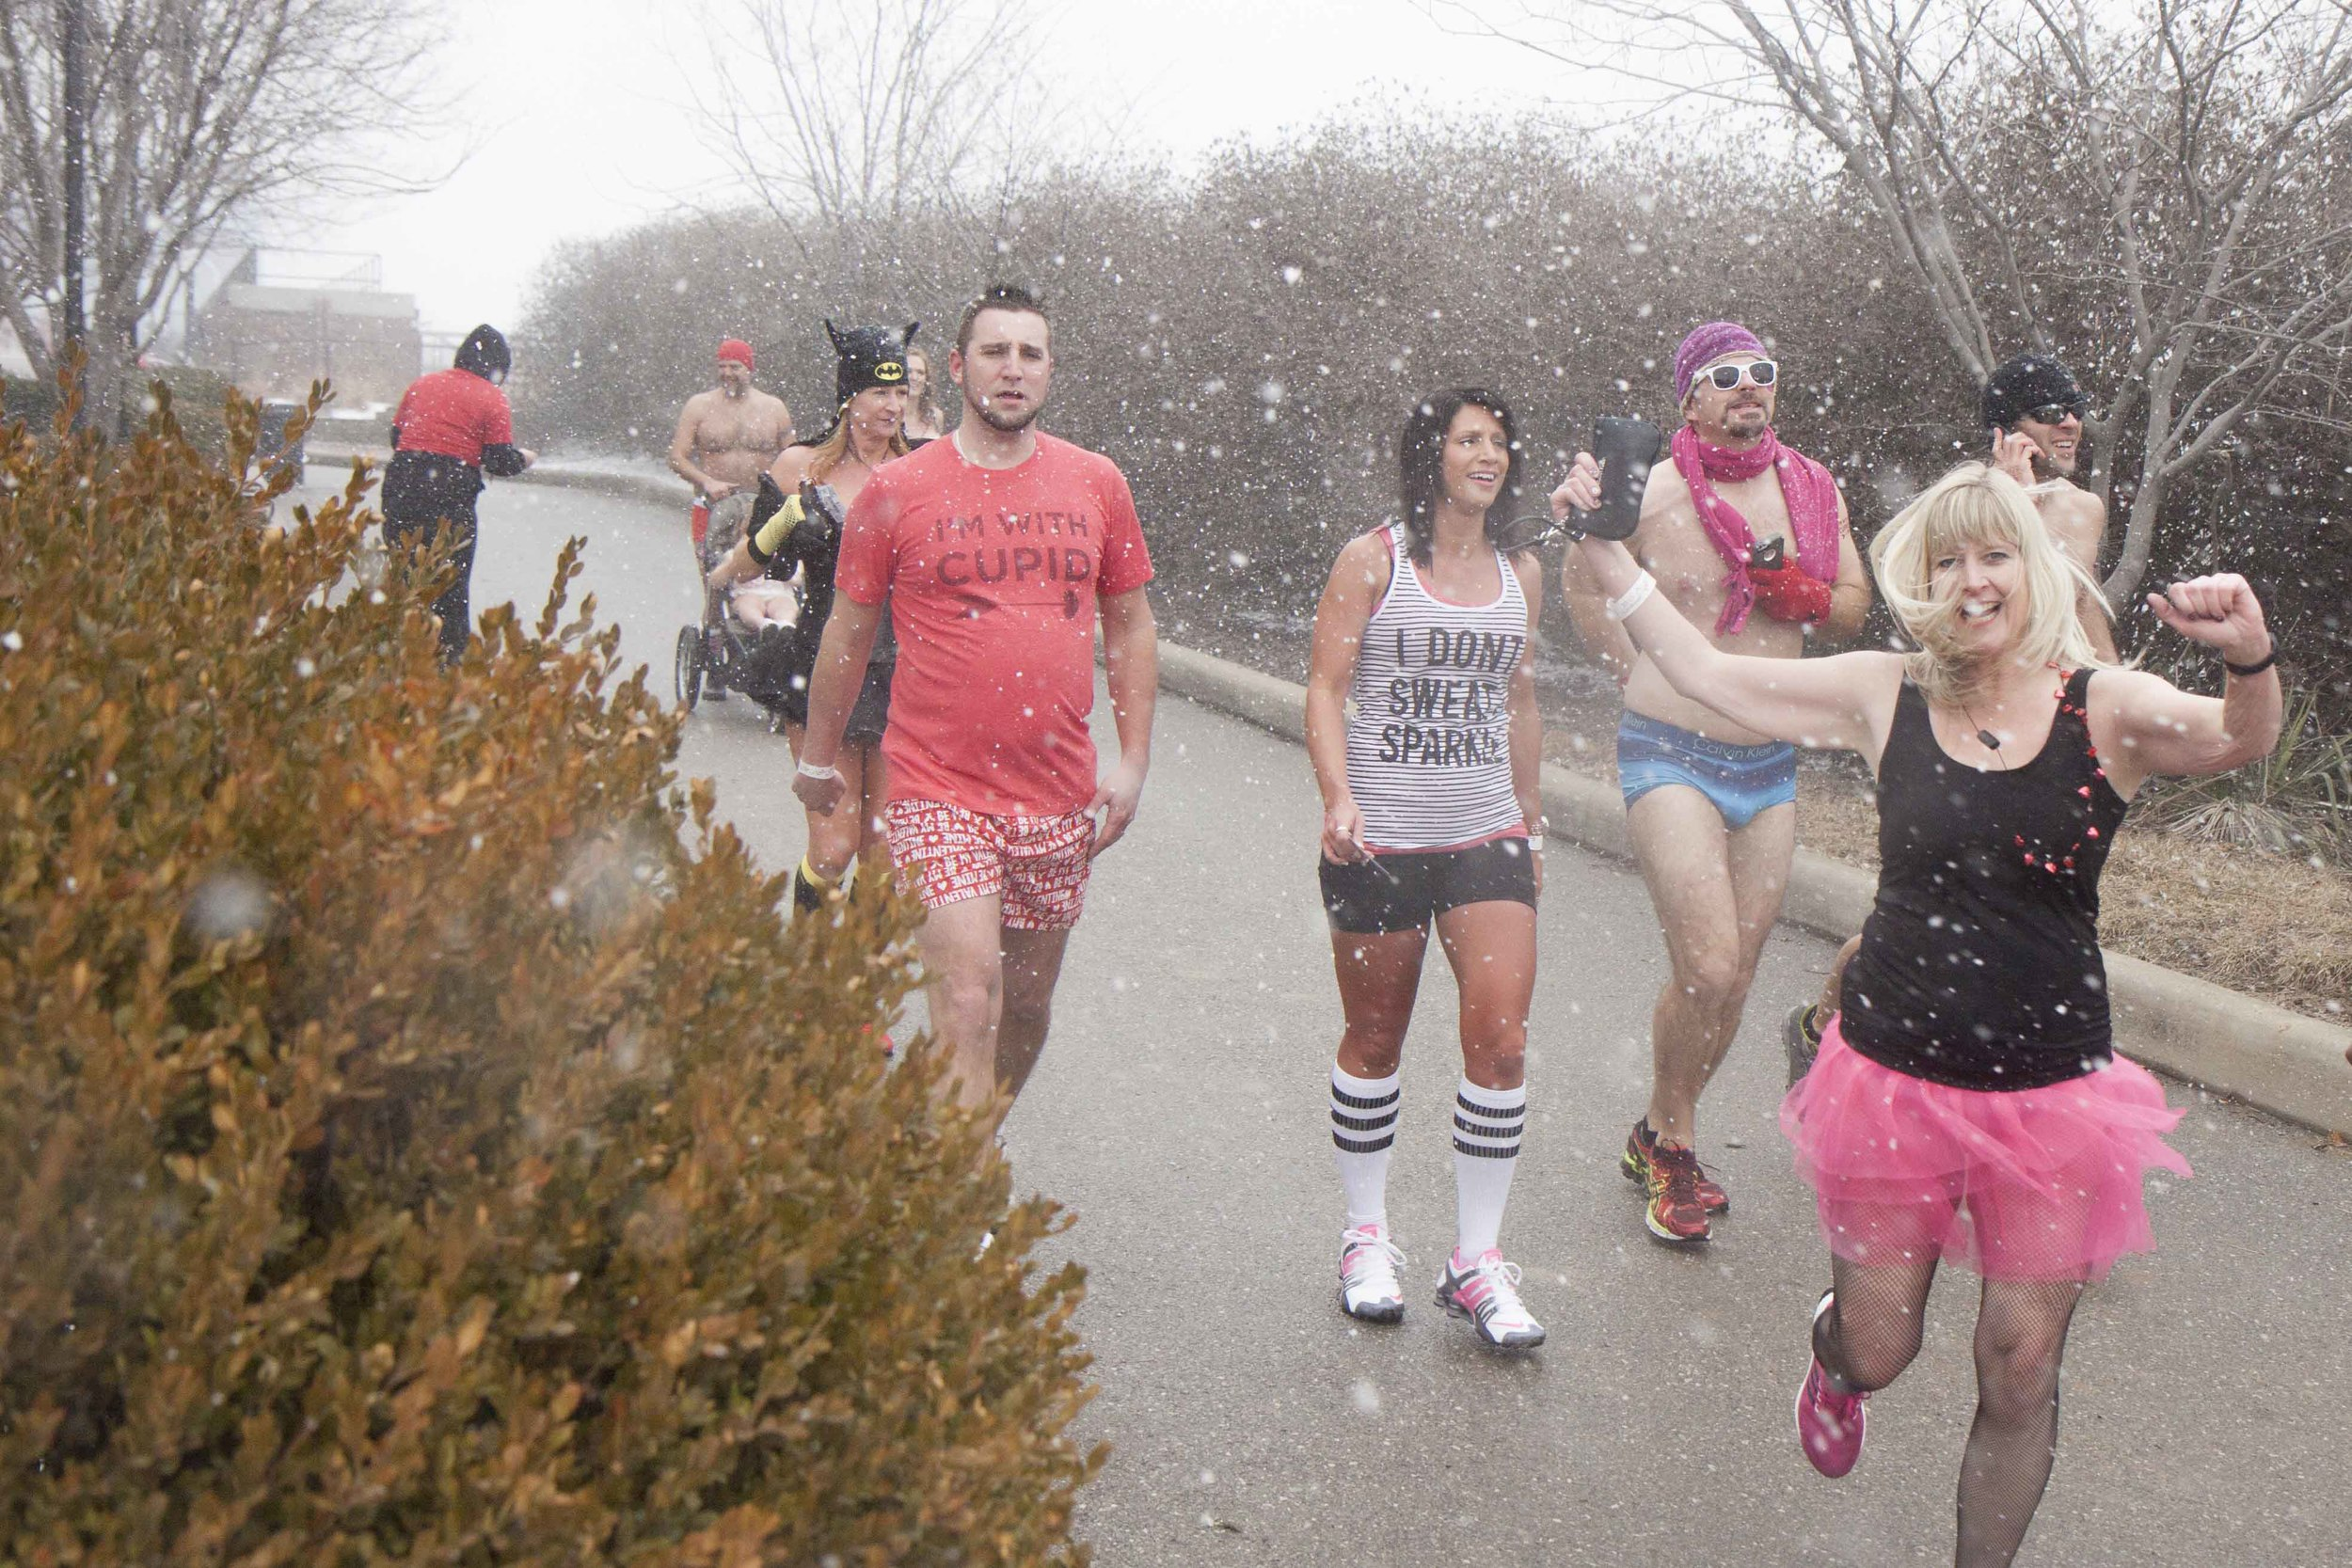 Cincinnati Cupid Undie Run 2015 - 19.jpg